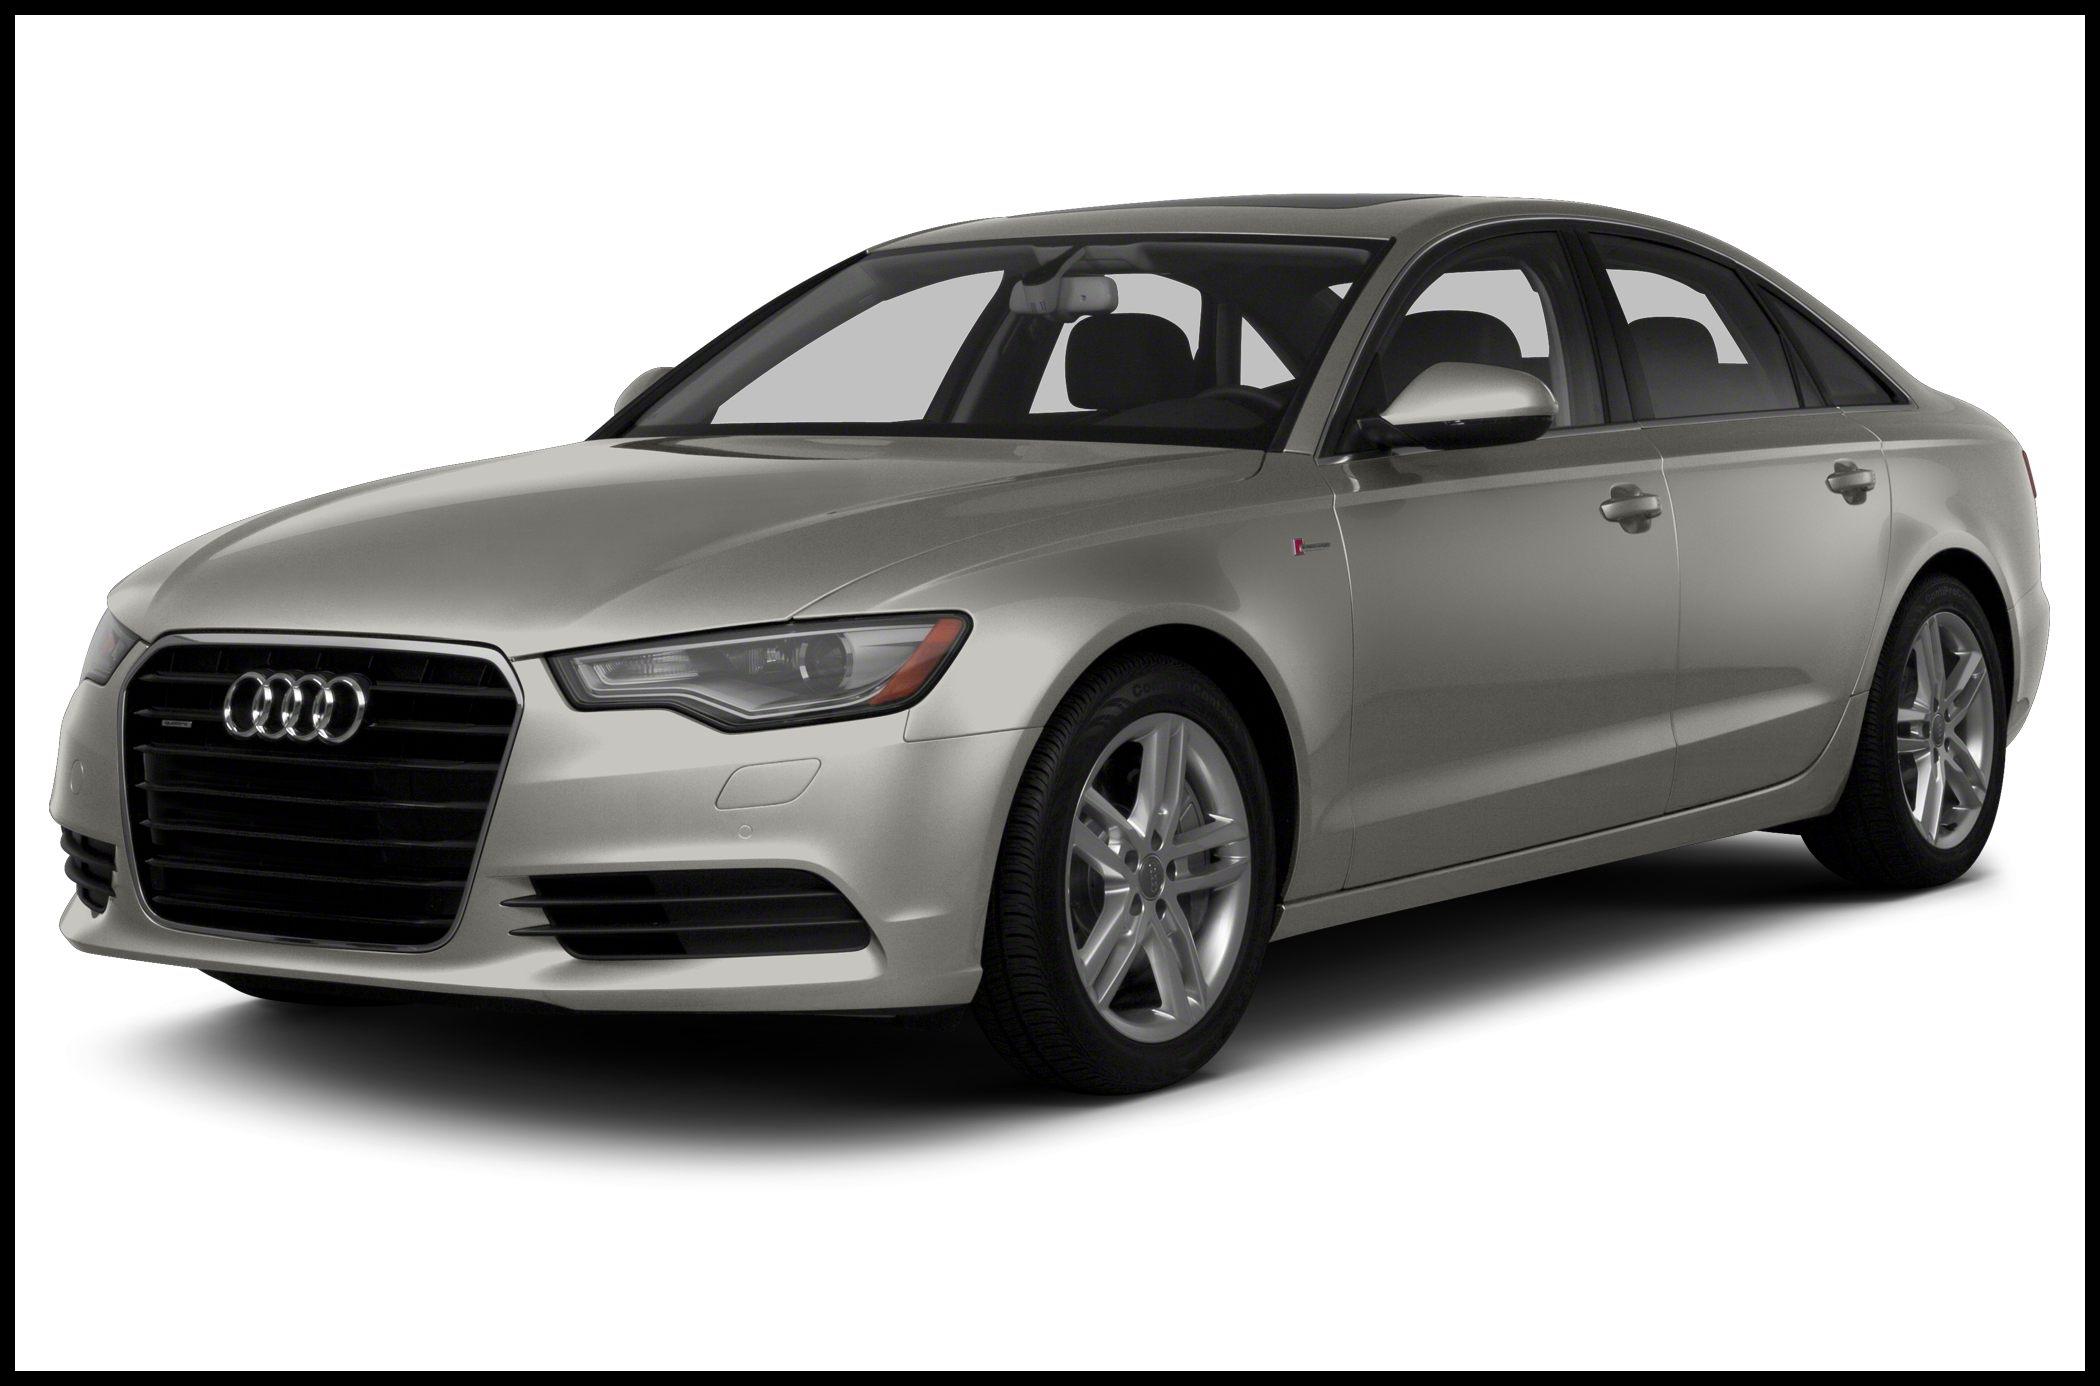 2014 Audi A6 3 0T Premium Plus 4dr All wheel Drive quattro Sedan Specs and Prices